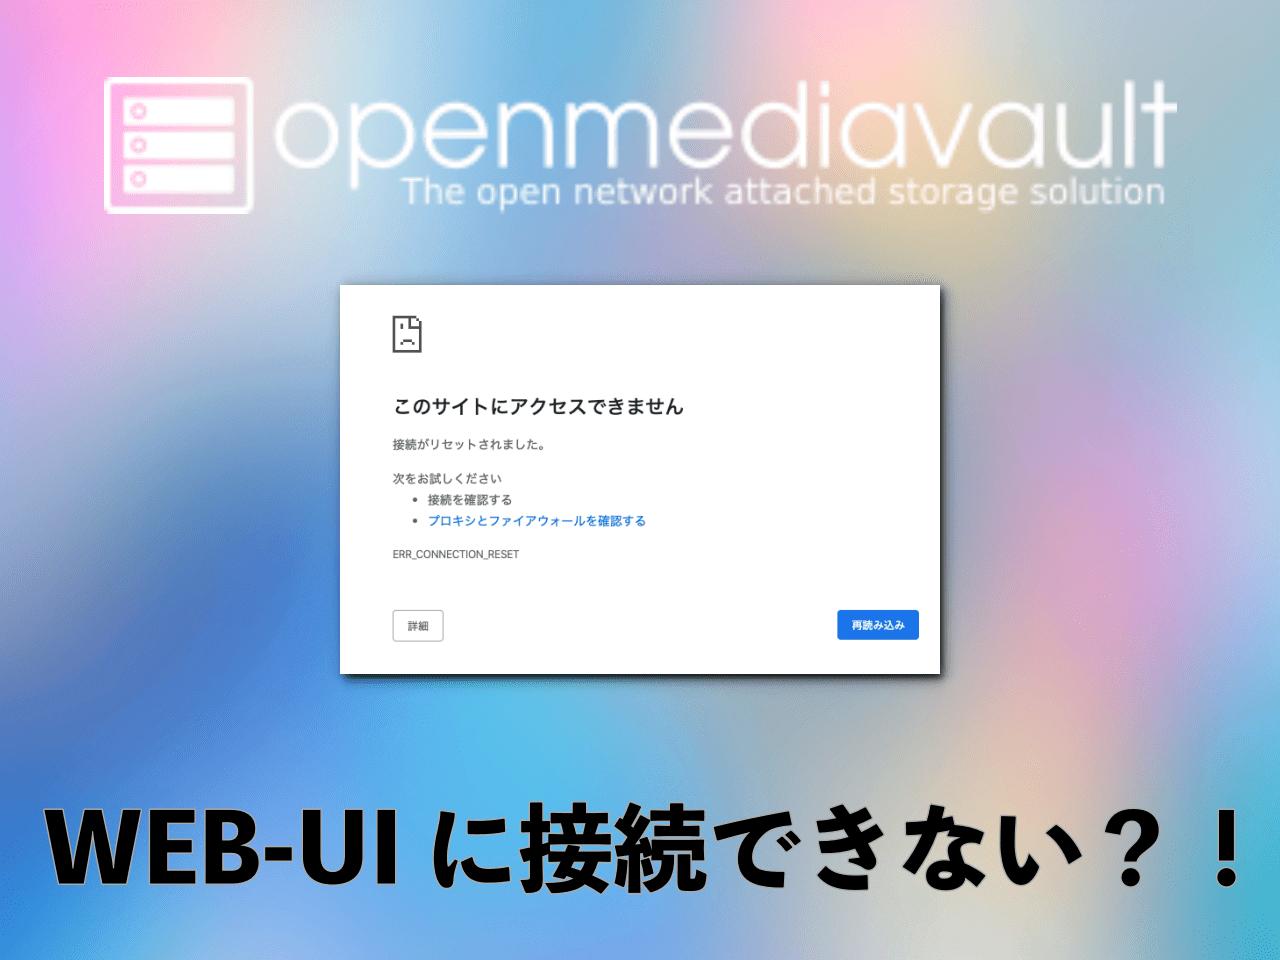 omv-webui-issu-title